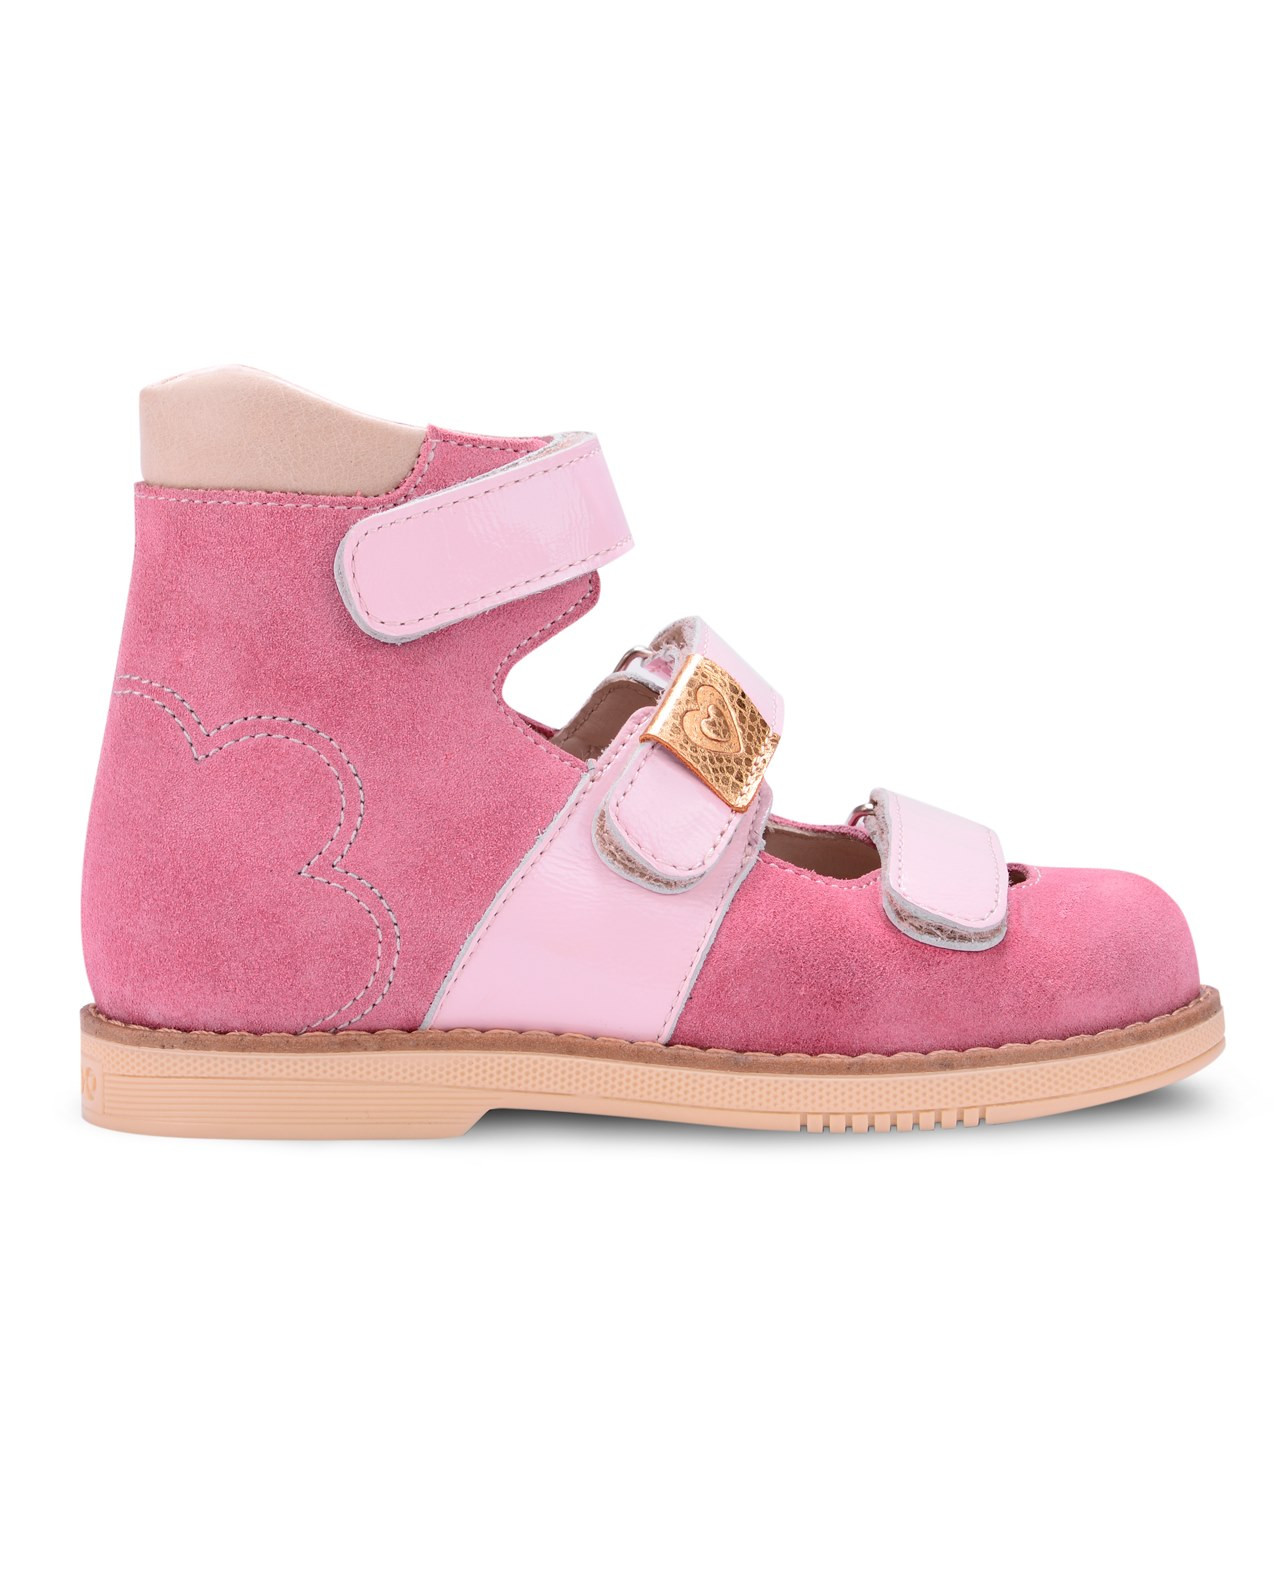 Сандалии Детские, Tapiboo Кораллы (48760, 24 )Сандалии<br>Эти ортопедические туфли разработаны для <br>коррекции стоп при вальгусной деформации, <br>а также для профилактики плоскостопия. <br>Применение данной модели рекомендовано <br>детям при наличии сформировавшихся деформаций. <br>При применении данной обуви необходимо <br>использование индивидуальных ортопедических <br>стелек по назначению врача-ортопеда. Жесткий <br>фиксирующий задник увеличенной высоты <br>и возможность регулировки полноты тремя <br>застежками велкро обеспечивают необходимую <br>фиксацию голеностопа в правильном положении. <br>Широкий, устойчивый каблук, специальной <br>конфигурации каблук Томаса. Подкладка из <br>кожи теленка без швов. Кожа теленка обладает <br>повышенной износостойкостью в сочетании <br>с мягкостью и отличной способностью пропускать <br>воздух для создания оптимального температурного <br>режима (нога не потеет). На стельке нет выкладки <br>продольного свода (супинатора), модель предназначена <br>для использования с вкладными ортопедическими <br>приспособлениями.<br>Размер INT: M; Цвет: Красный; Ширина: 100; Высота: 200; Вес: 1000;